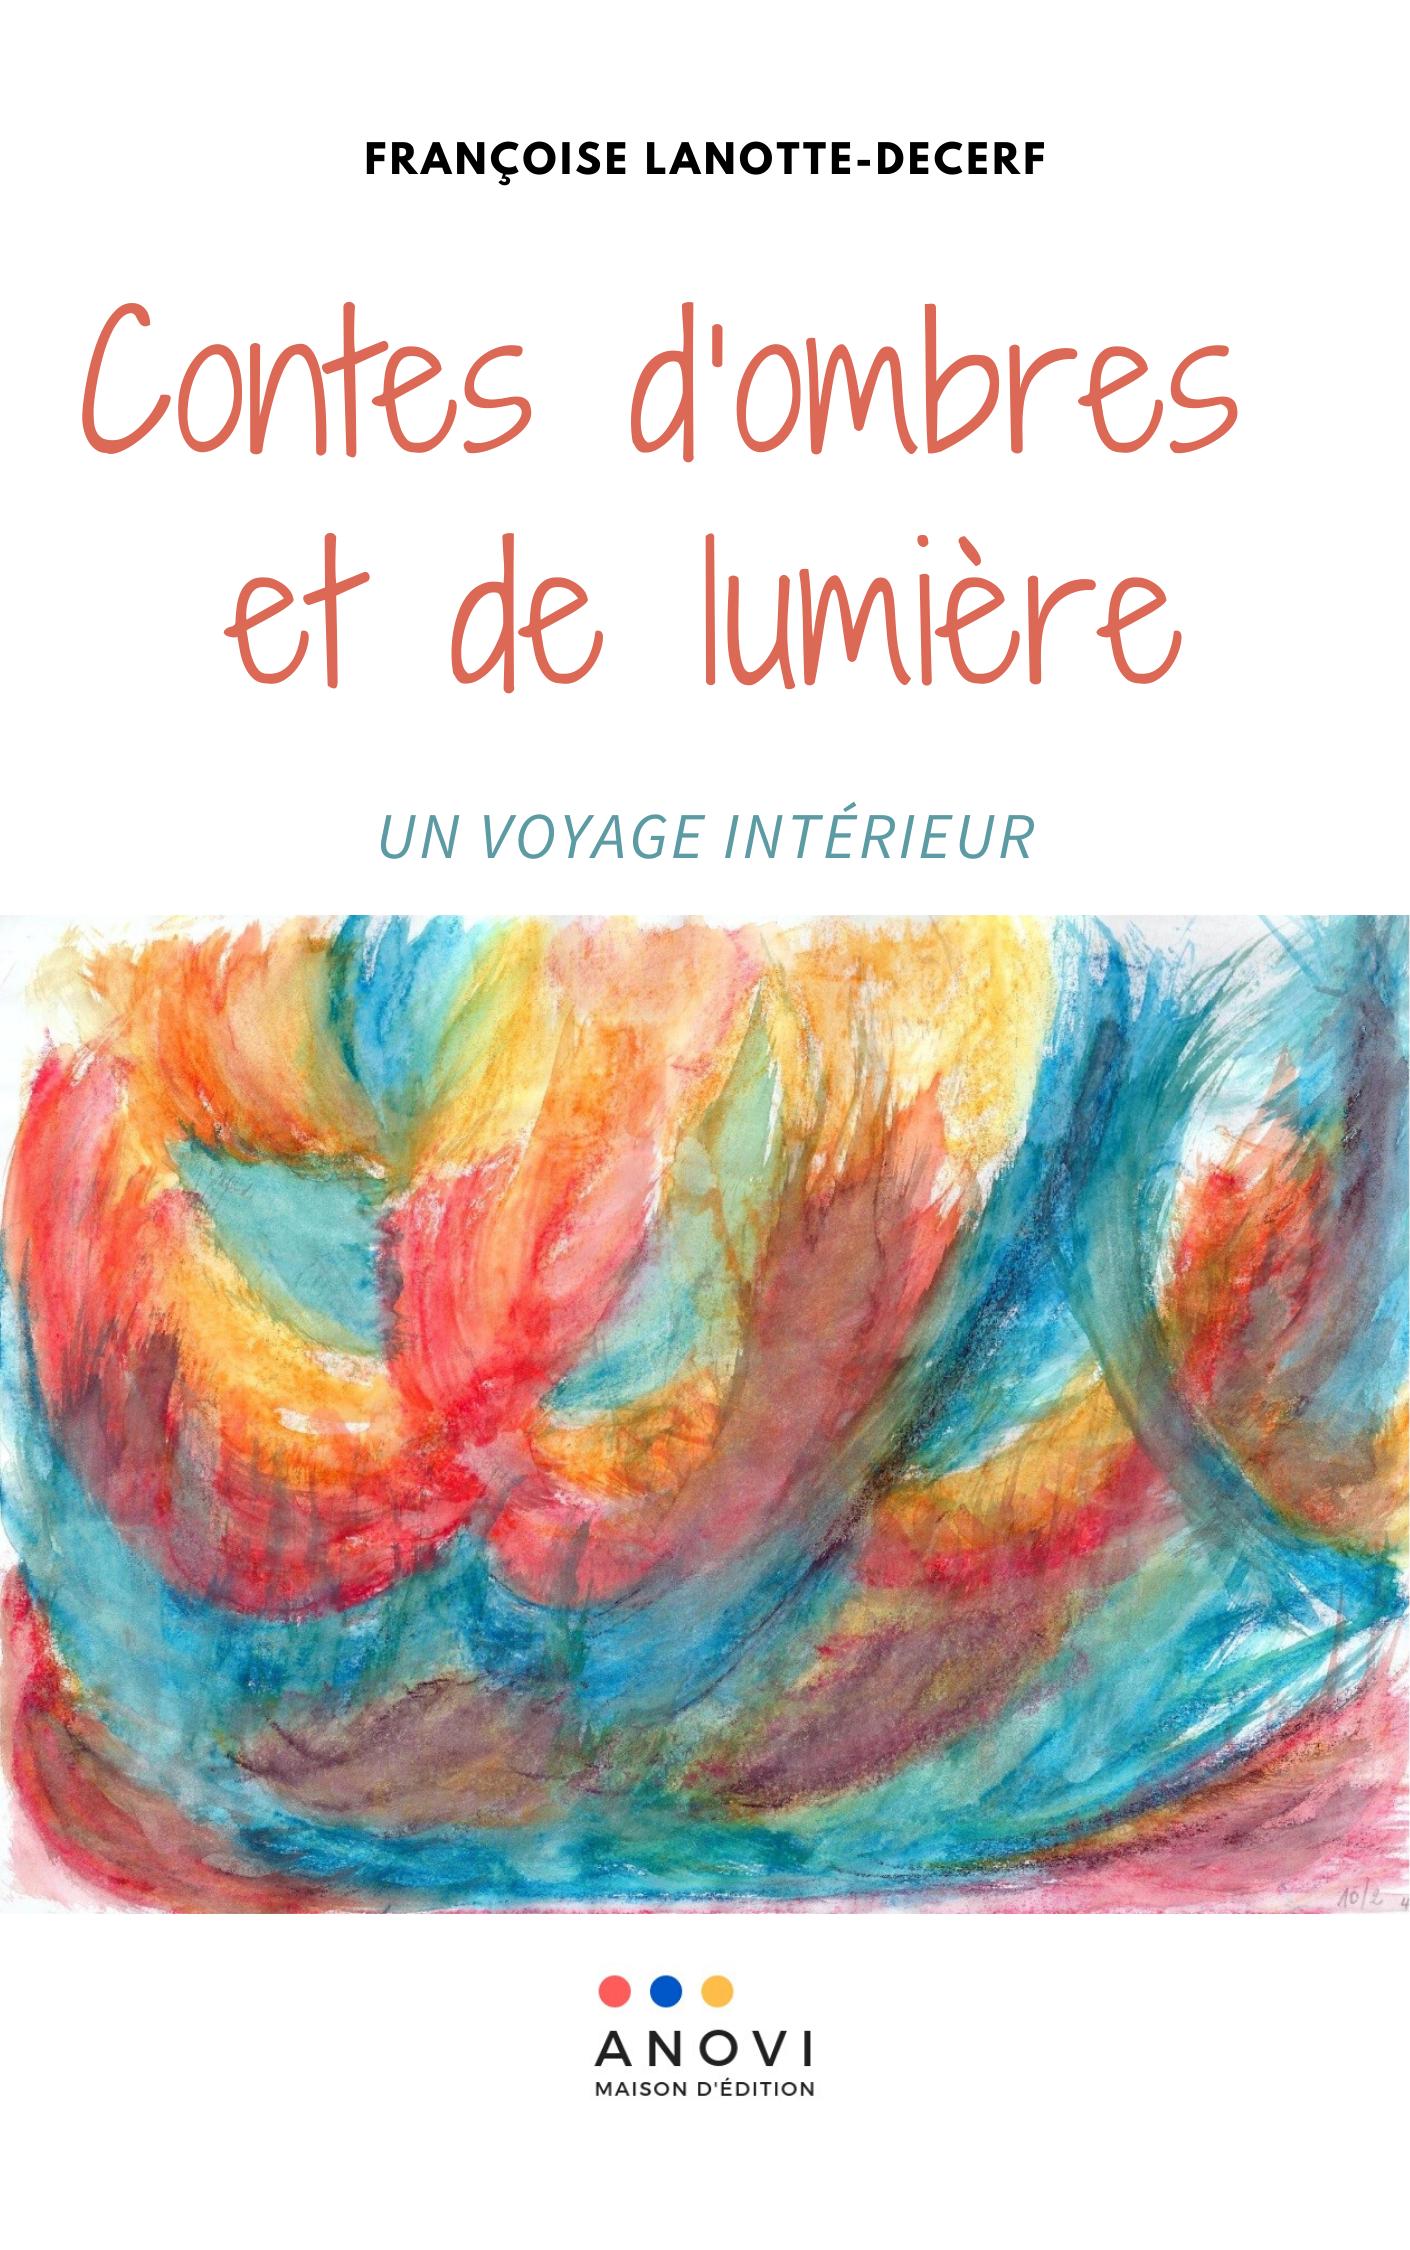 Contes d'ombres et de lumière: Un voyage intérieur Image